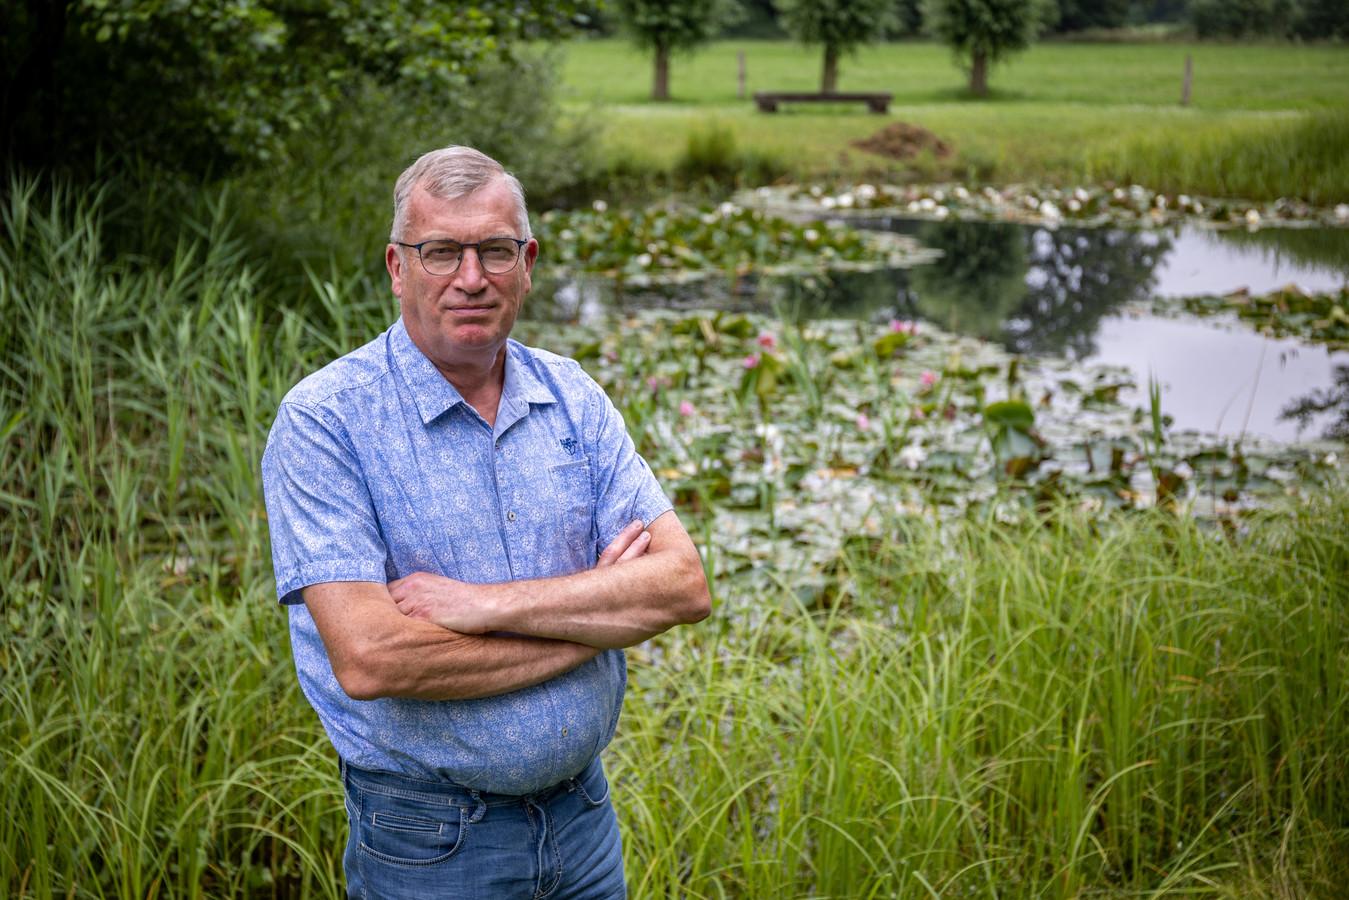 Enternaar Albert Bouwmeester is het liefst te vinden in zijn achtertuin waar het Twentse landschap ligt.